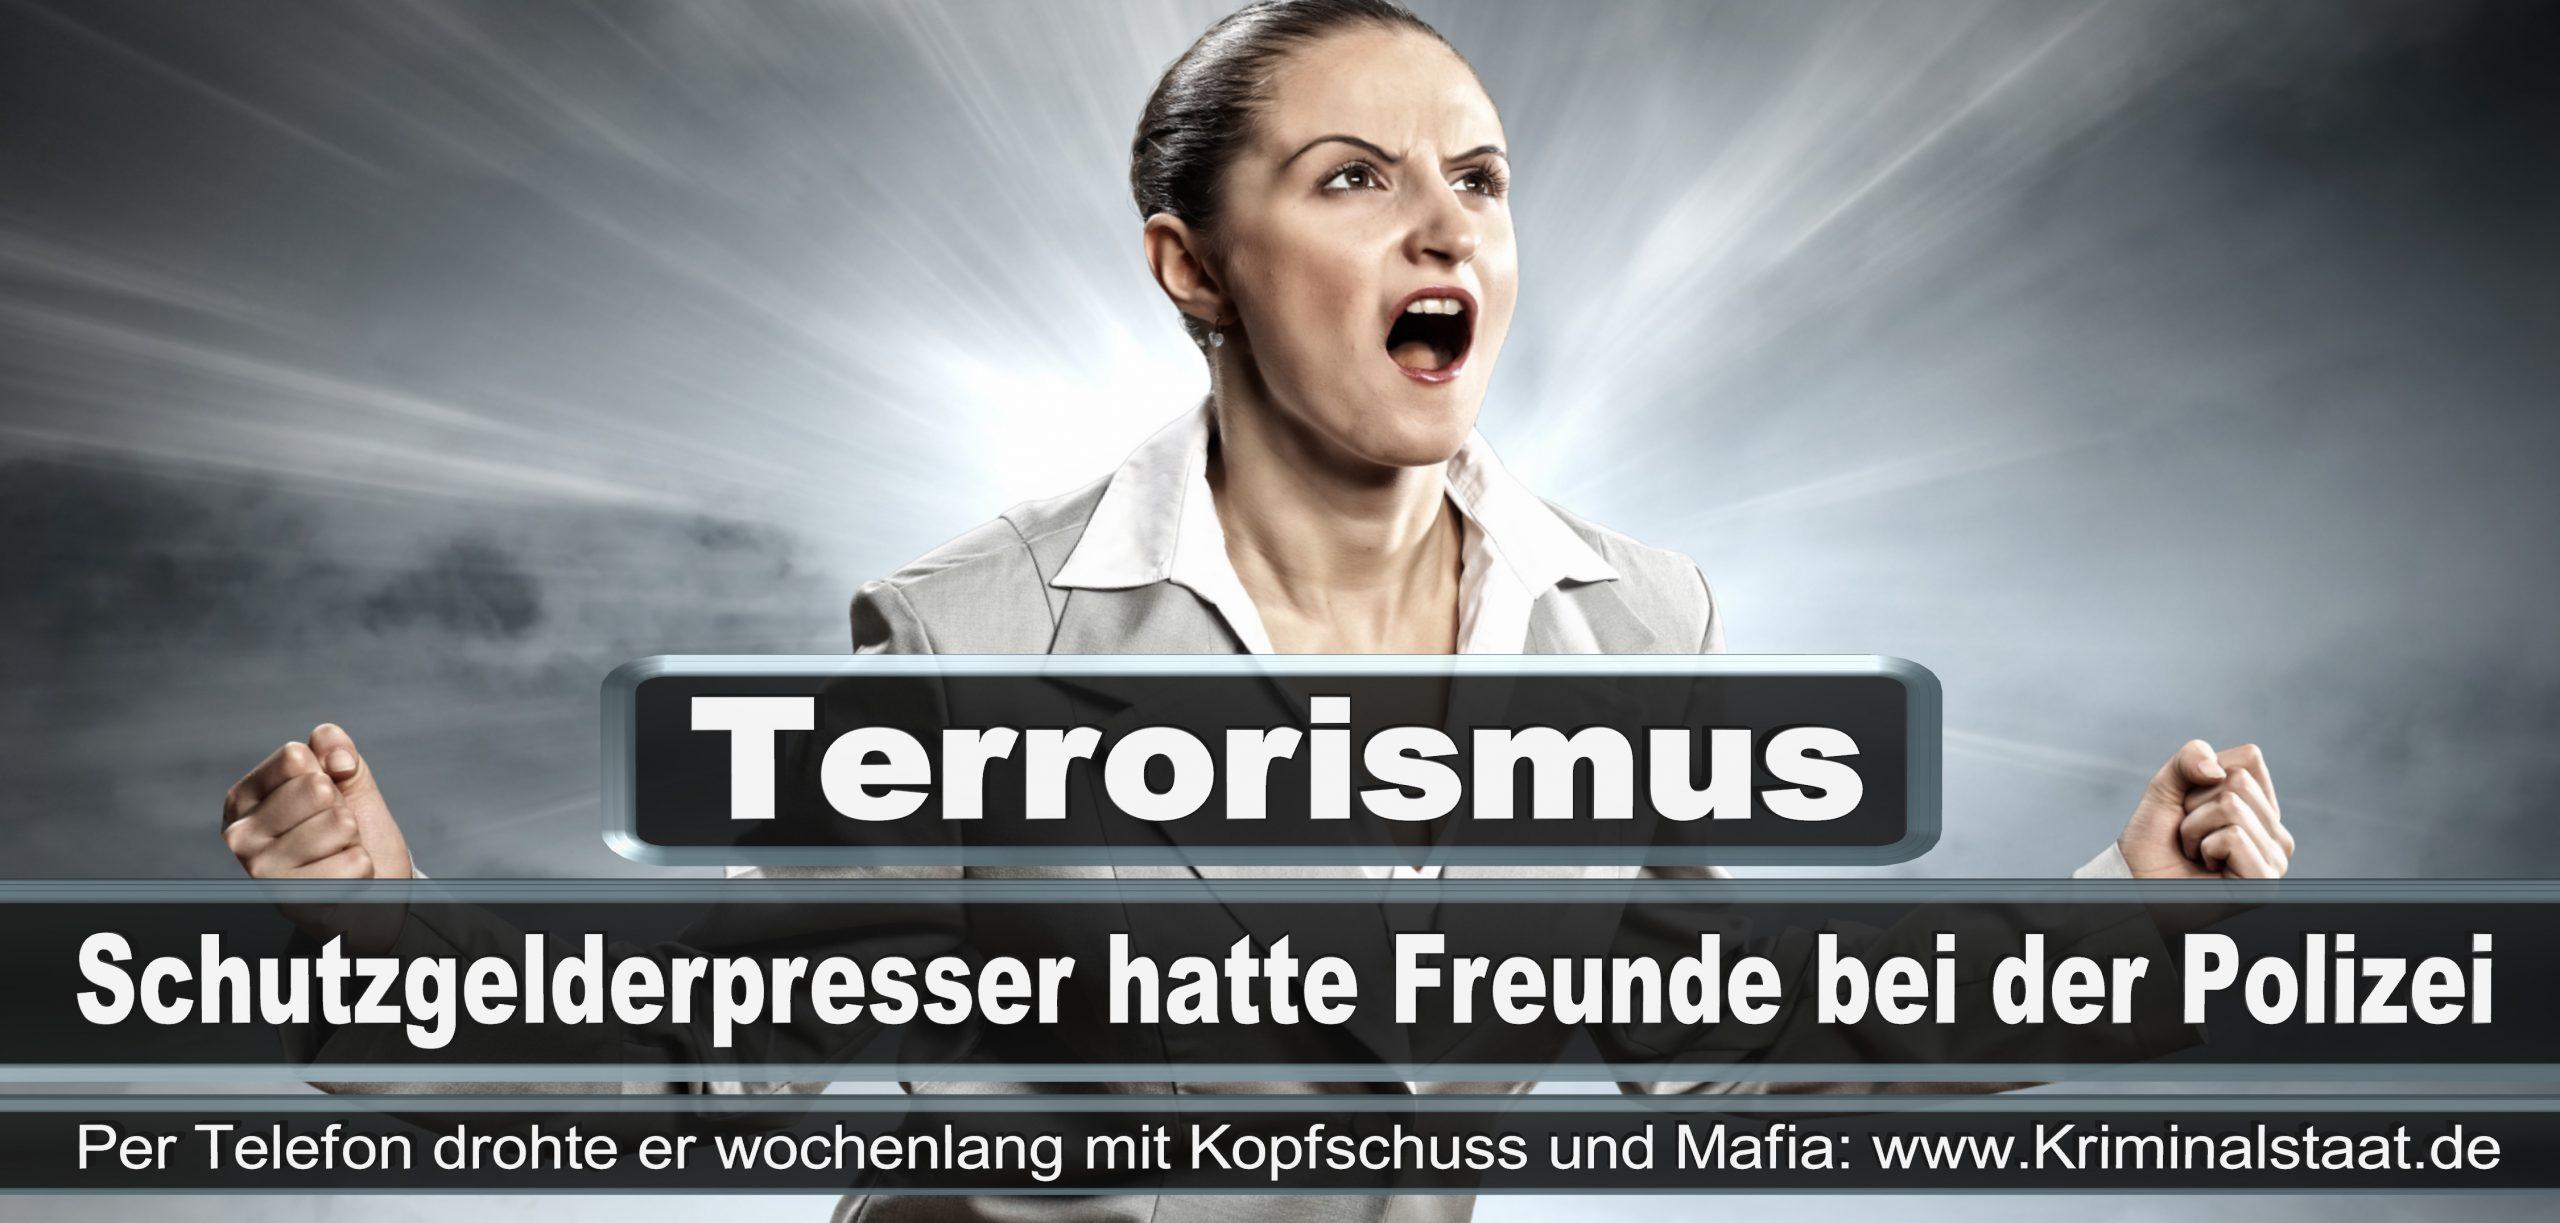 Bundestagswahl 2021 Wahlplakate CDU SPD FDP AFD Grüne Linke Stimmzettel Prognose Umfrage Kandidaten Parteien Datum (36)